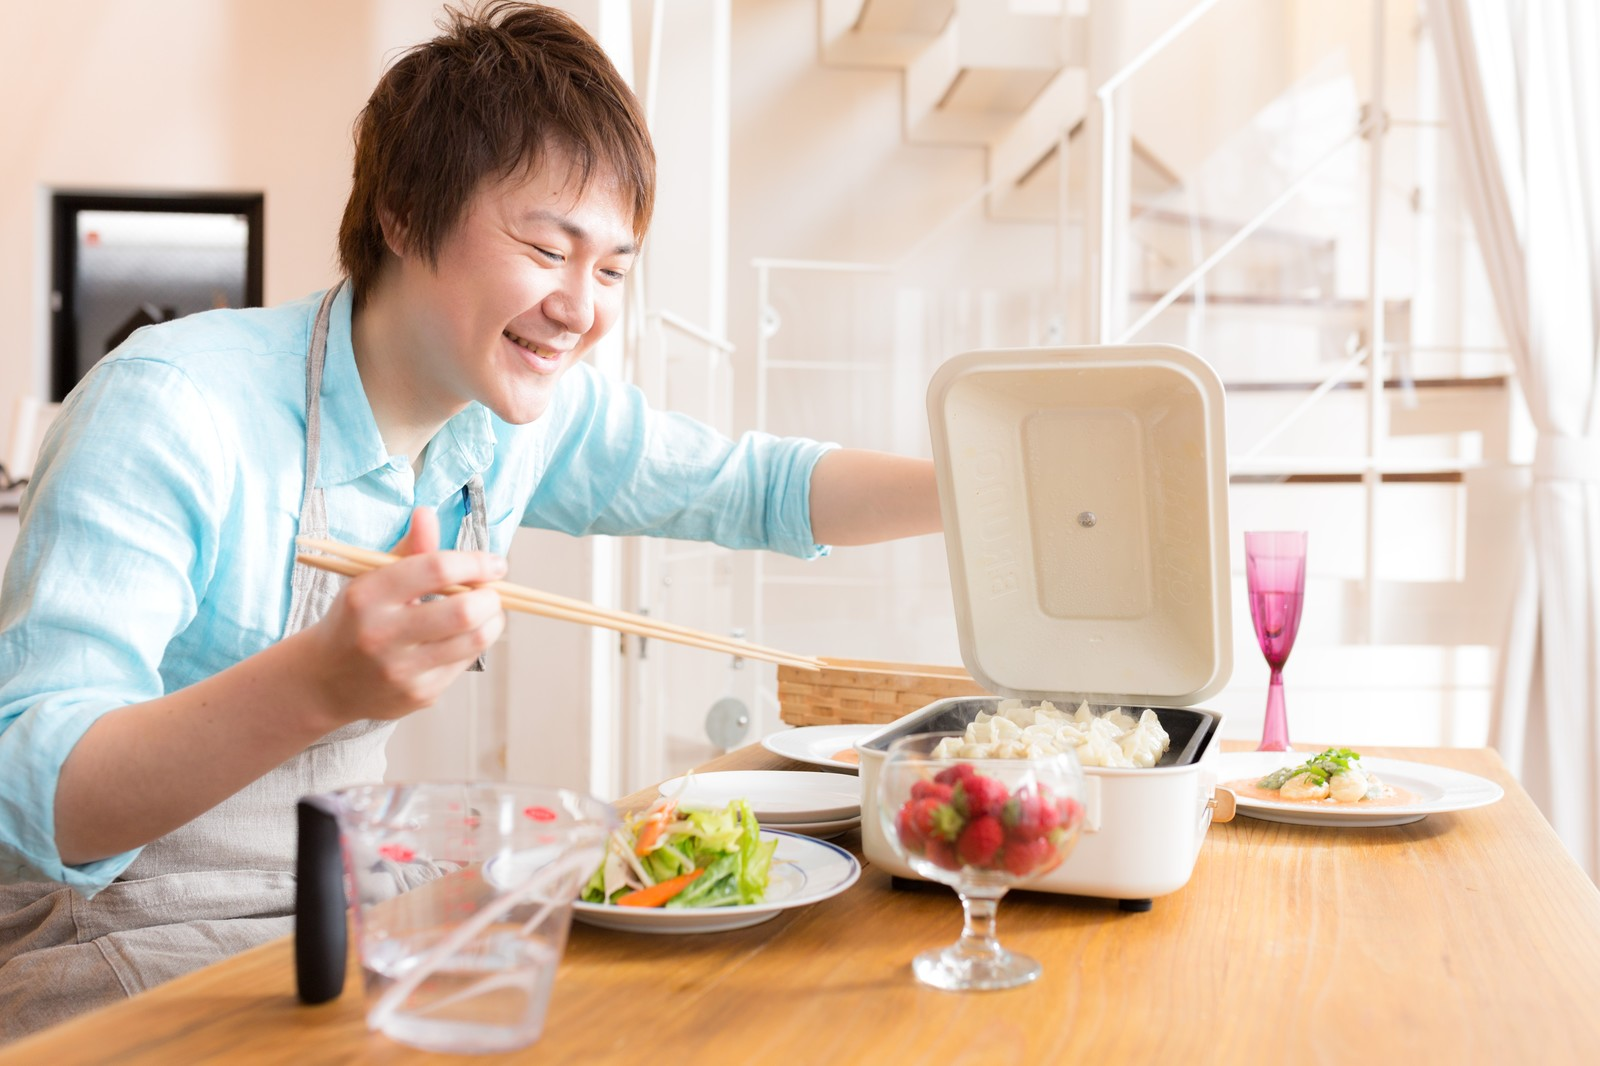 妻の誕生日何も予定なし・・な時は手料理で喜ばせてみては?